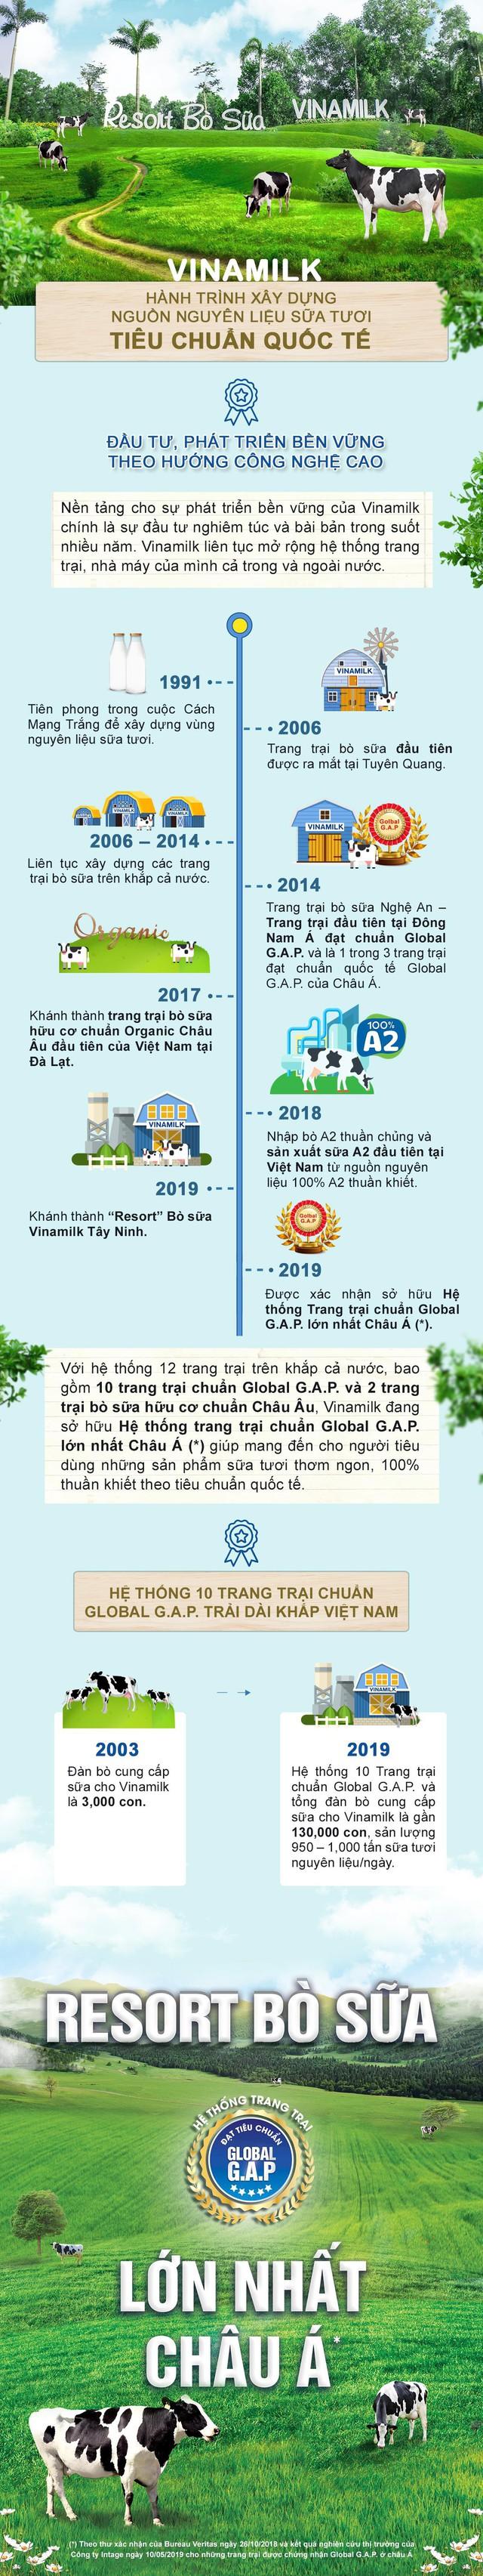 Vinamilk và hành trình xây dựng nguồn nguyên liệu sữa tươi theo tiêu chuẩn quốc tế - Ảnh 1.